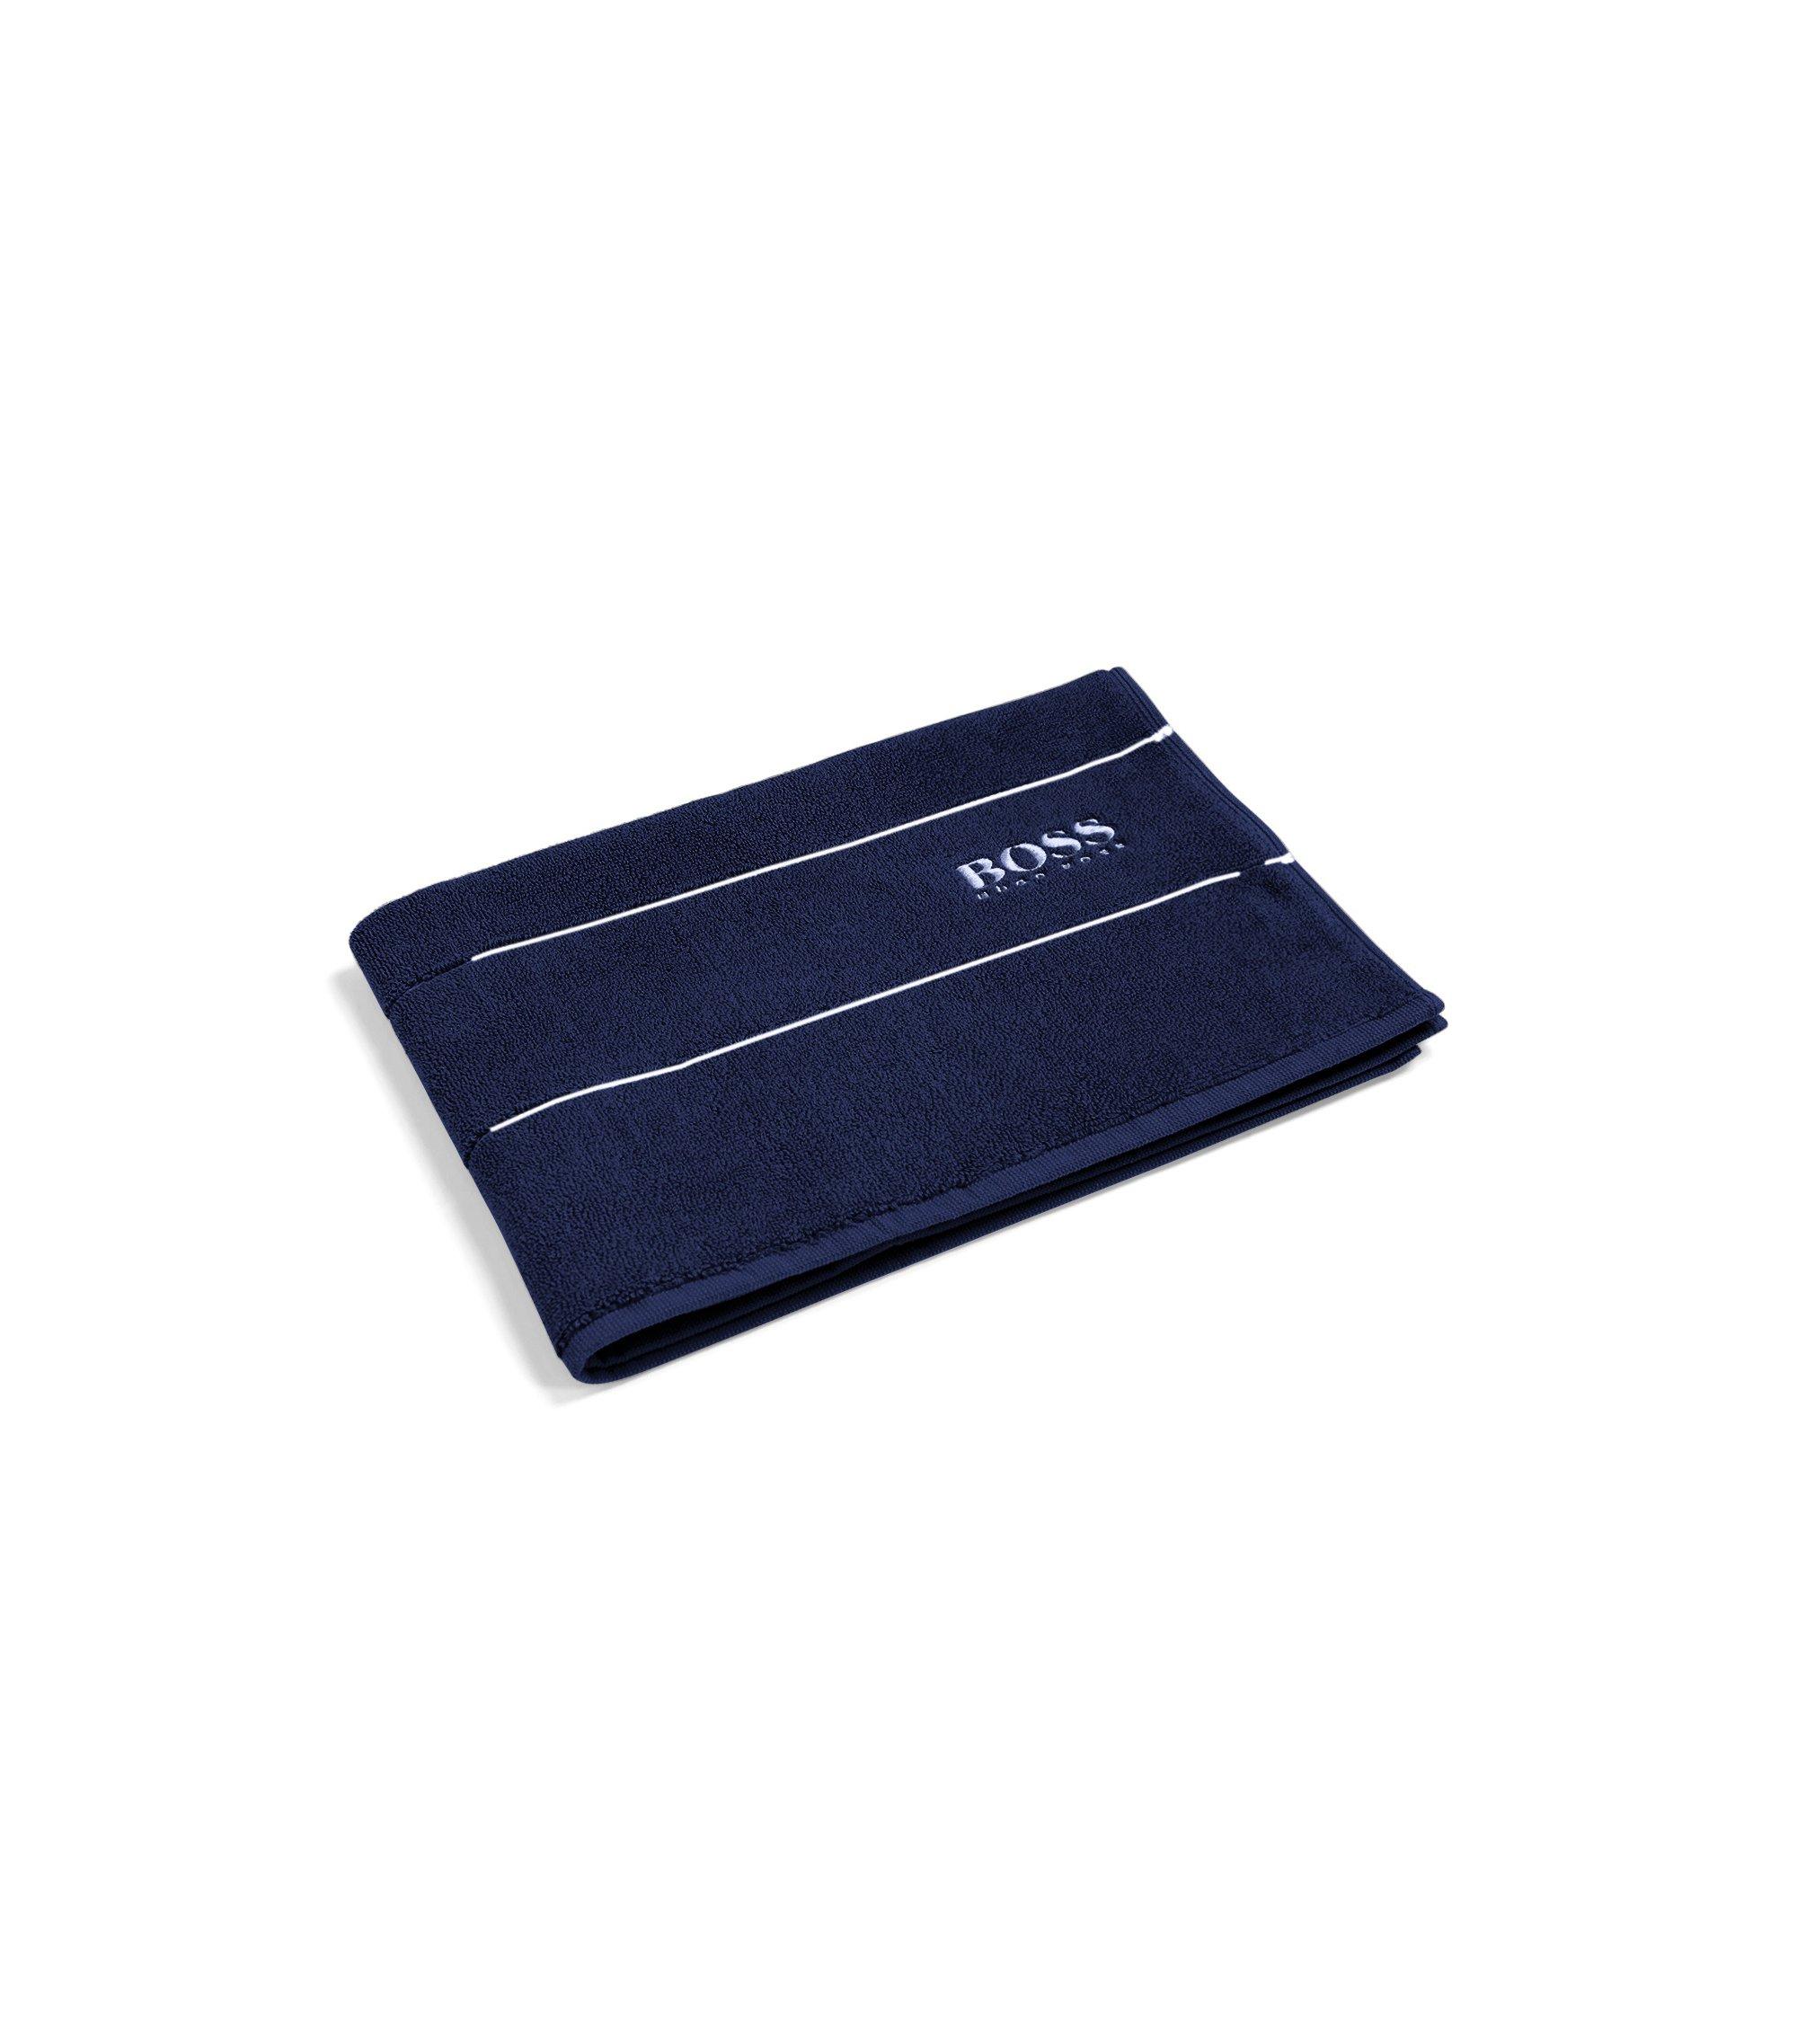 Badmat van de fijnste Egyptische katoen met rand met logo, Donkerblauw